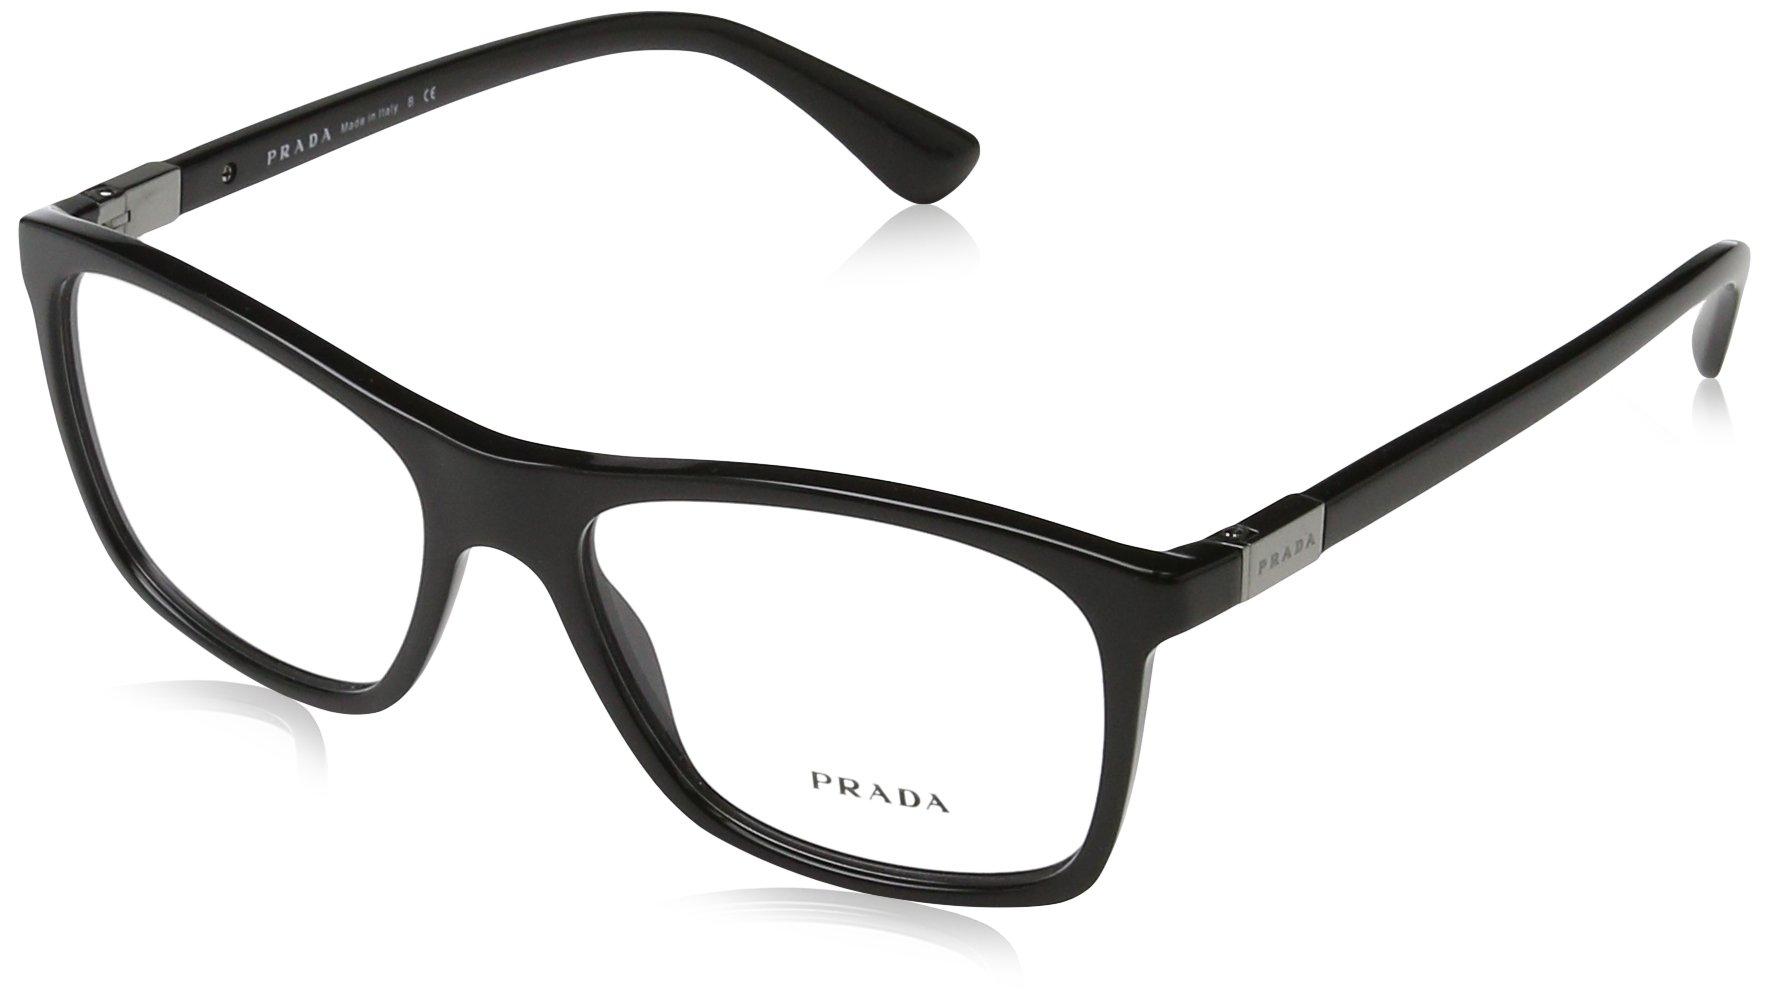 Prada PR05SV Eyeglass Frames 1AB1O1-55 - Black PR05SV-1AB1O1-55